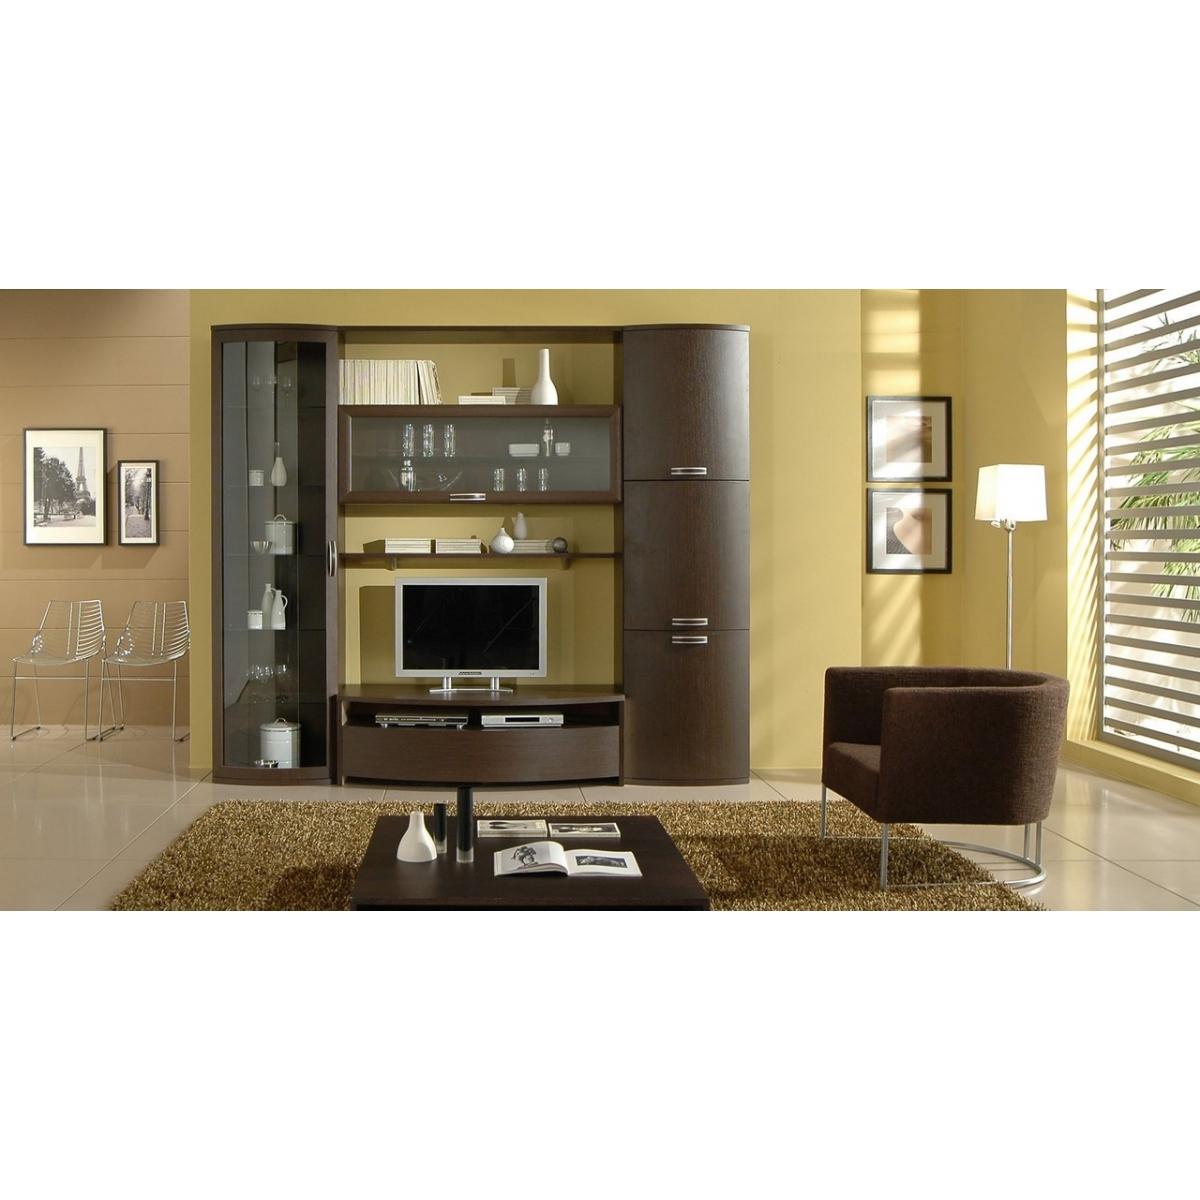 106 soggiorno moderno - Soggiorno moderno torino ...